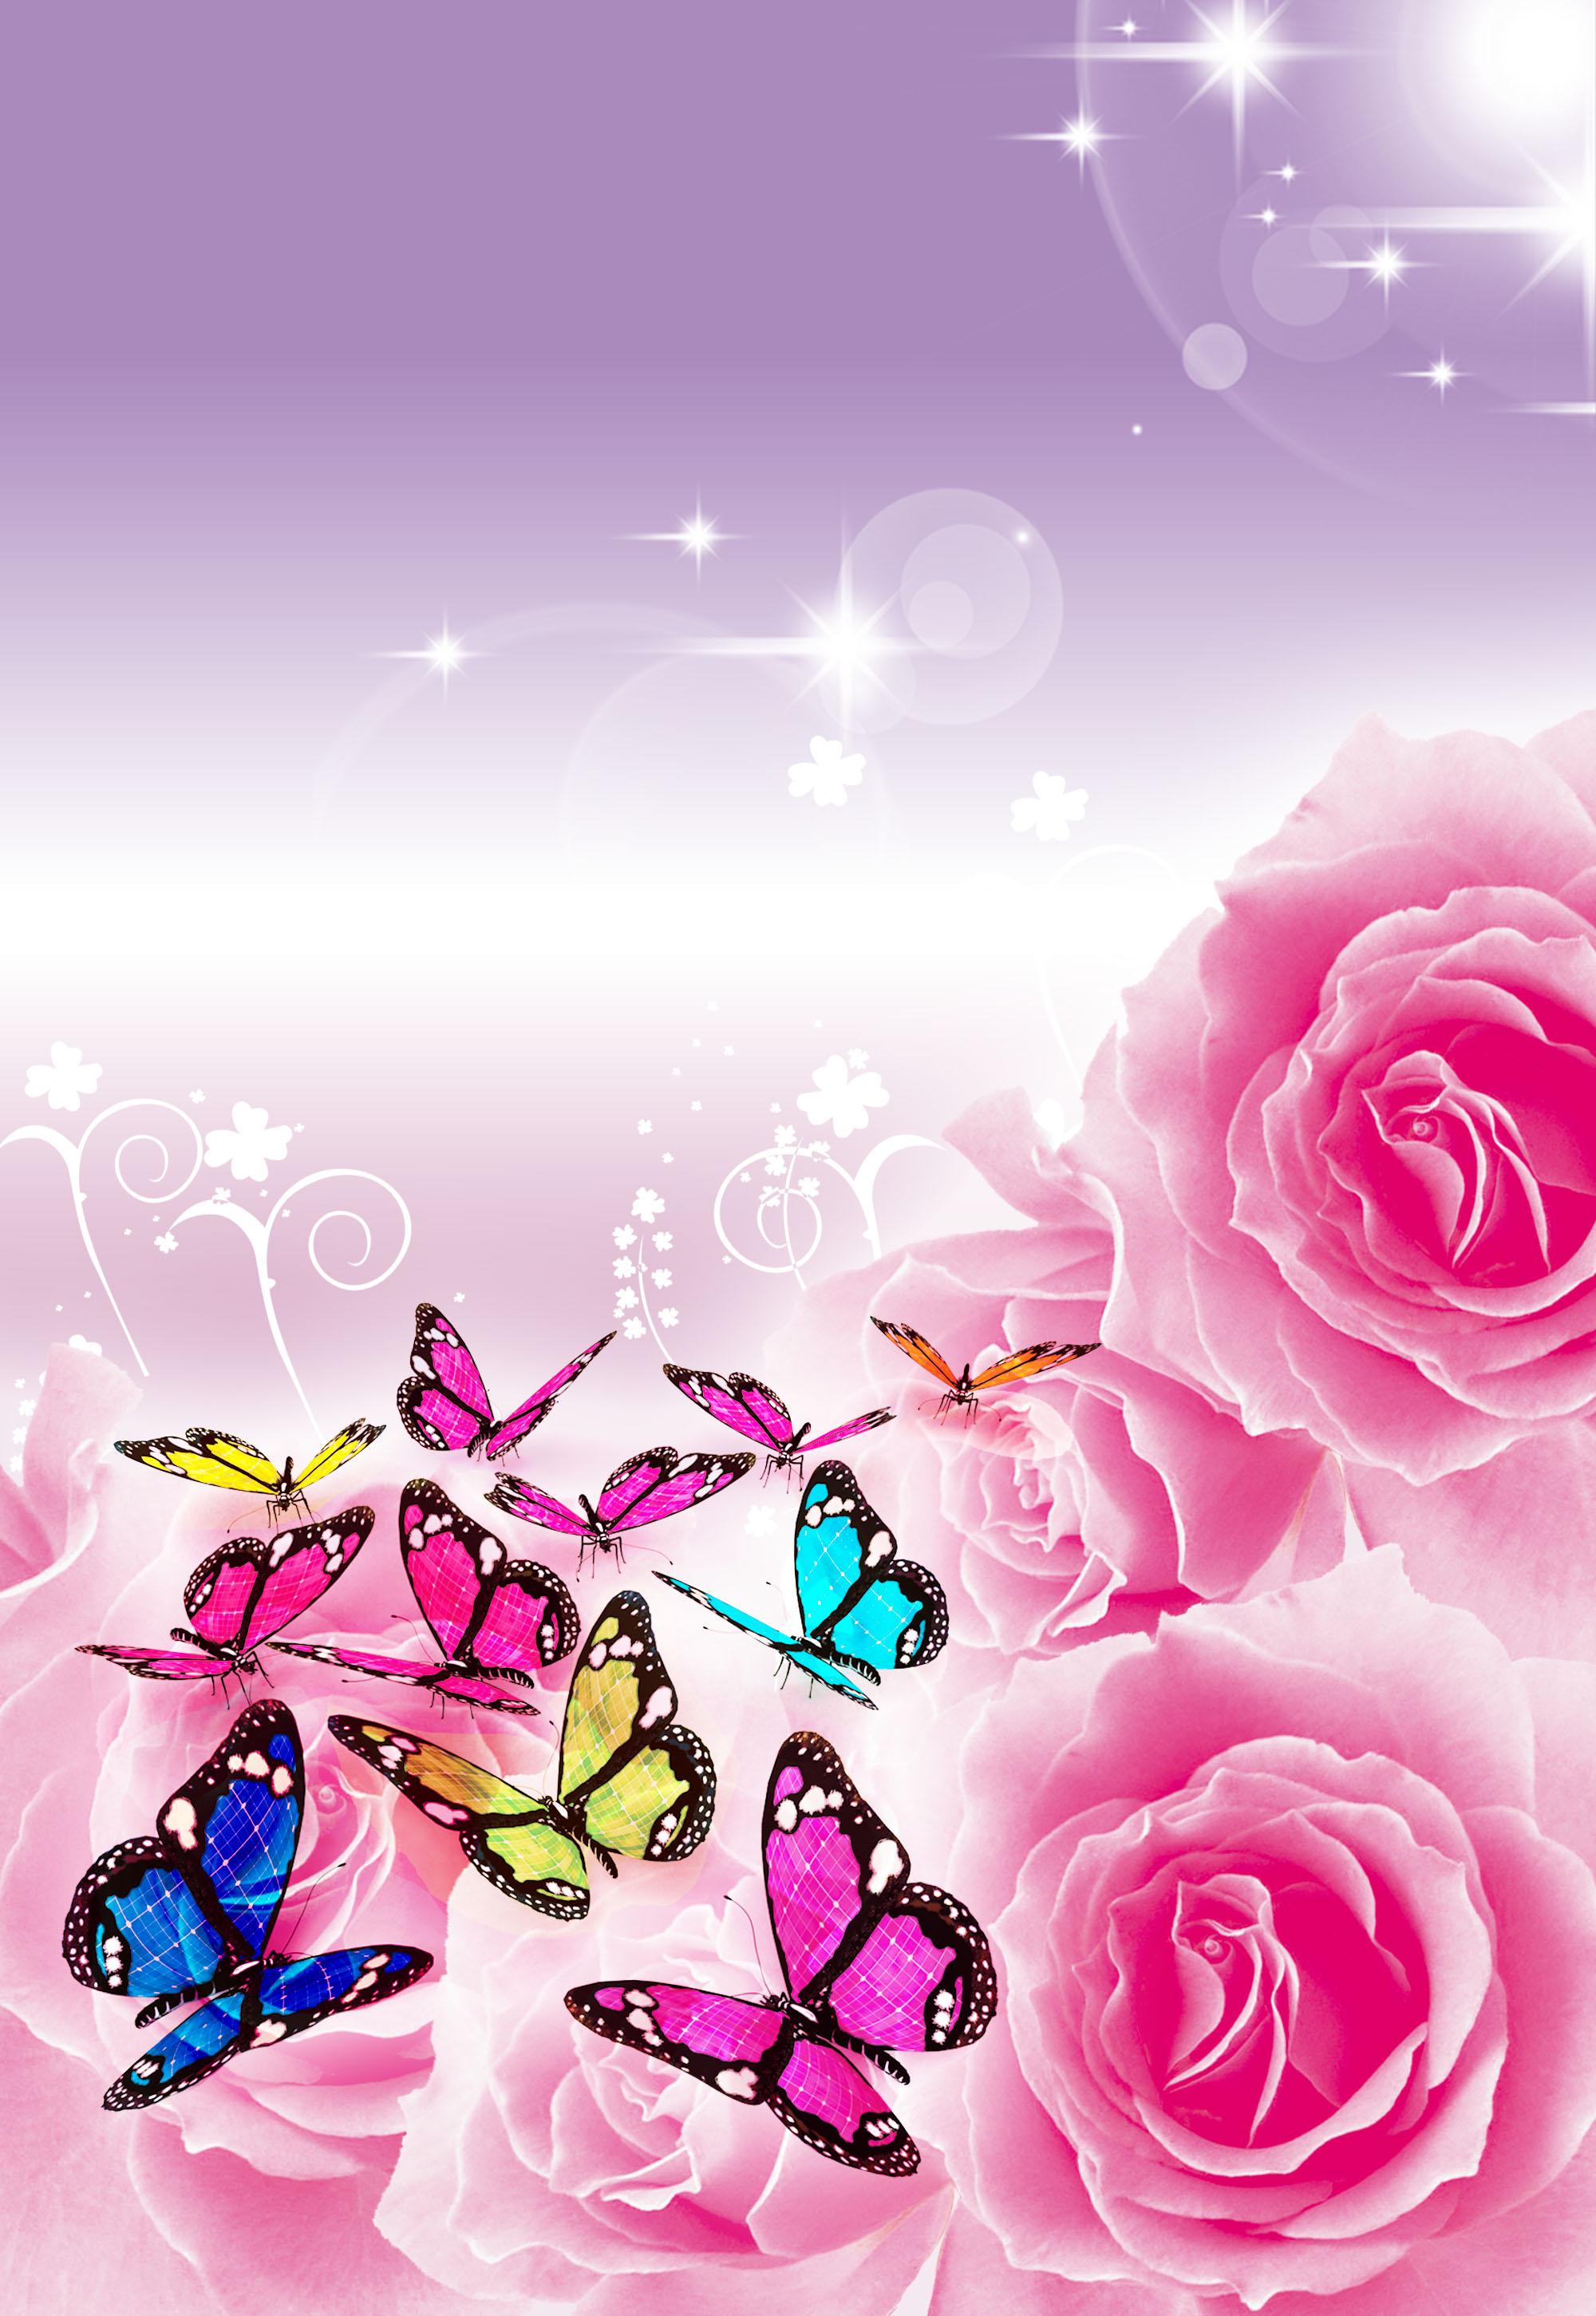 papillon rose romantique de fond rose rose romantique